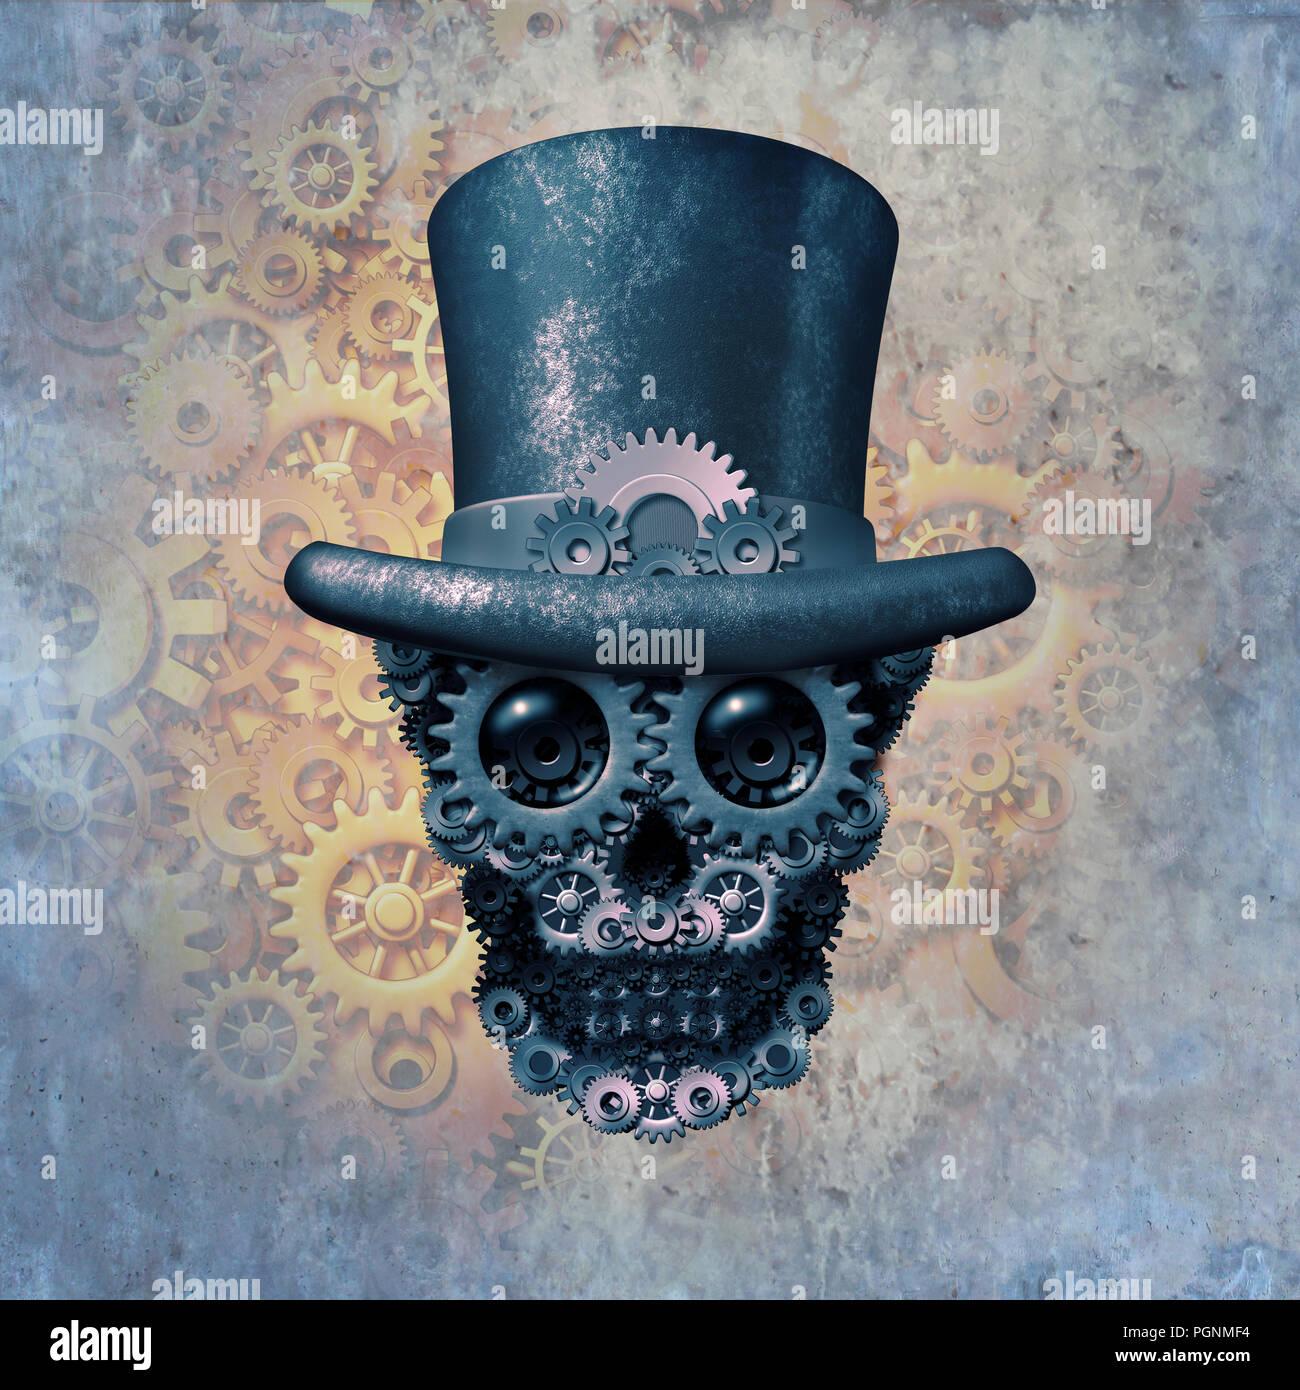 Steampunk concetto cranio o vapore punk fantascienza fantasy storico con un gruppo di ingranaggi e ruote dentate a forma di una testa a scheletro. Immagini Stock